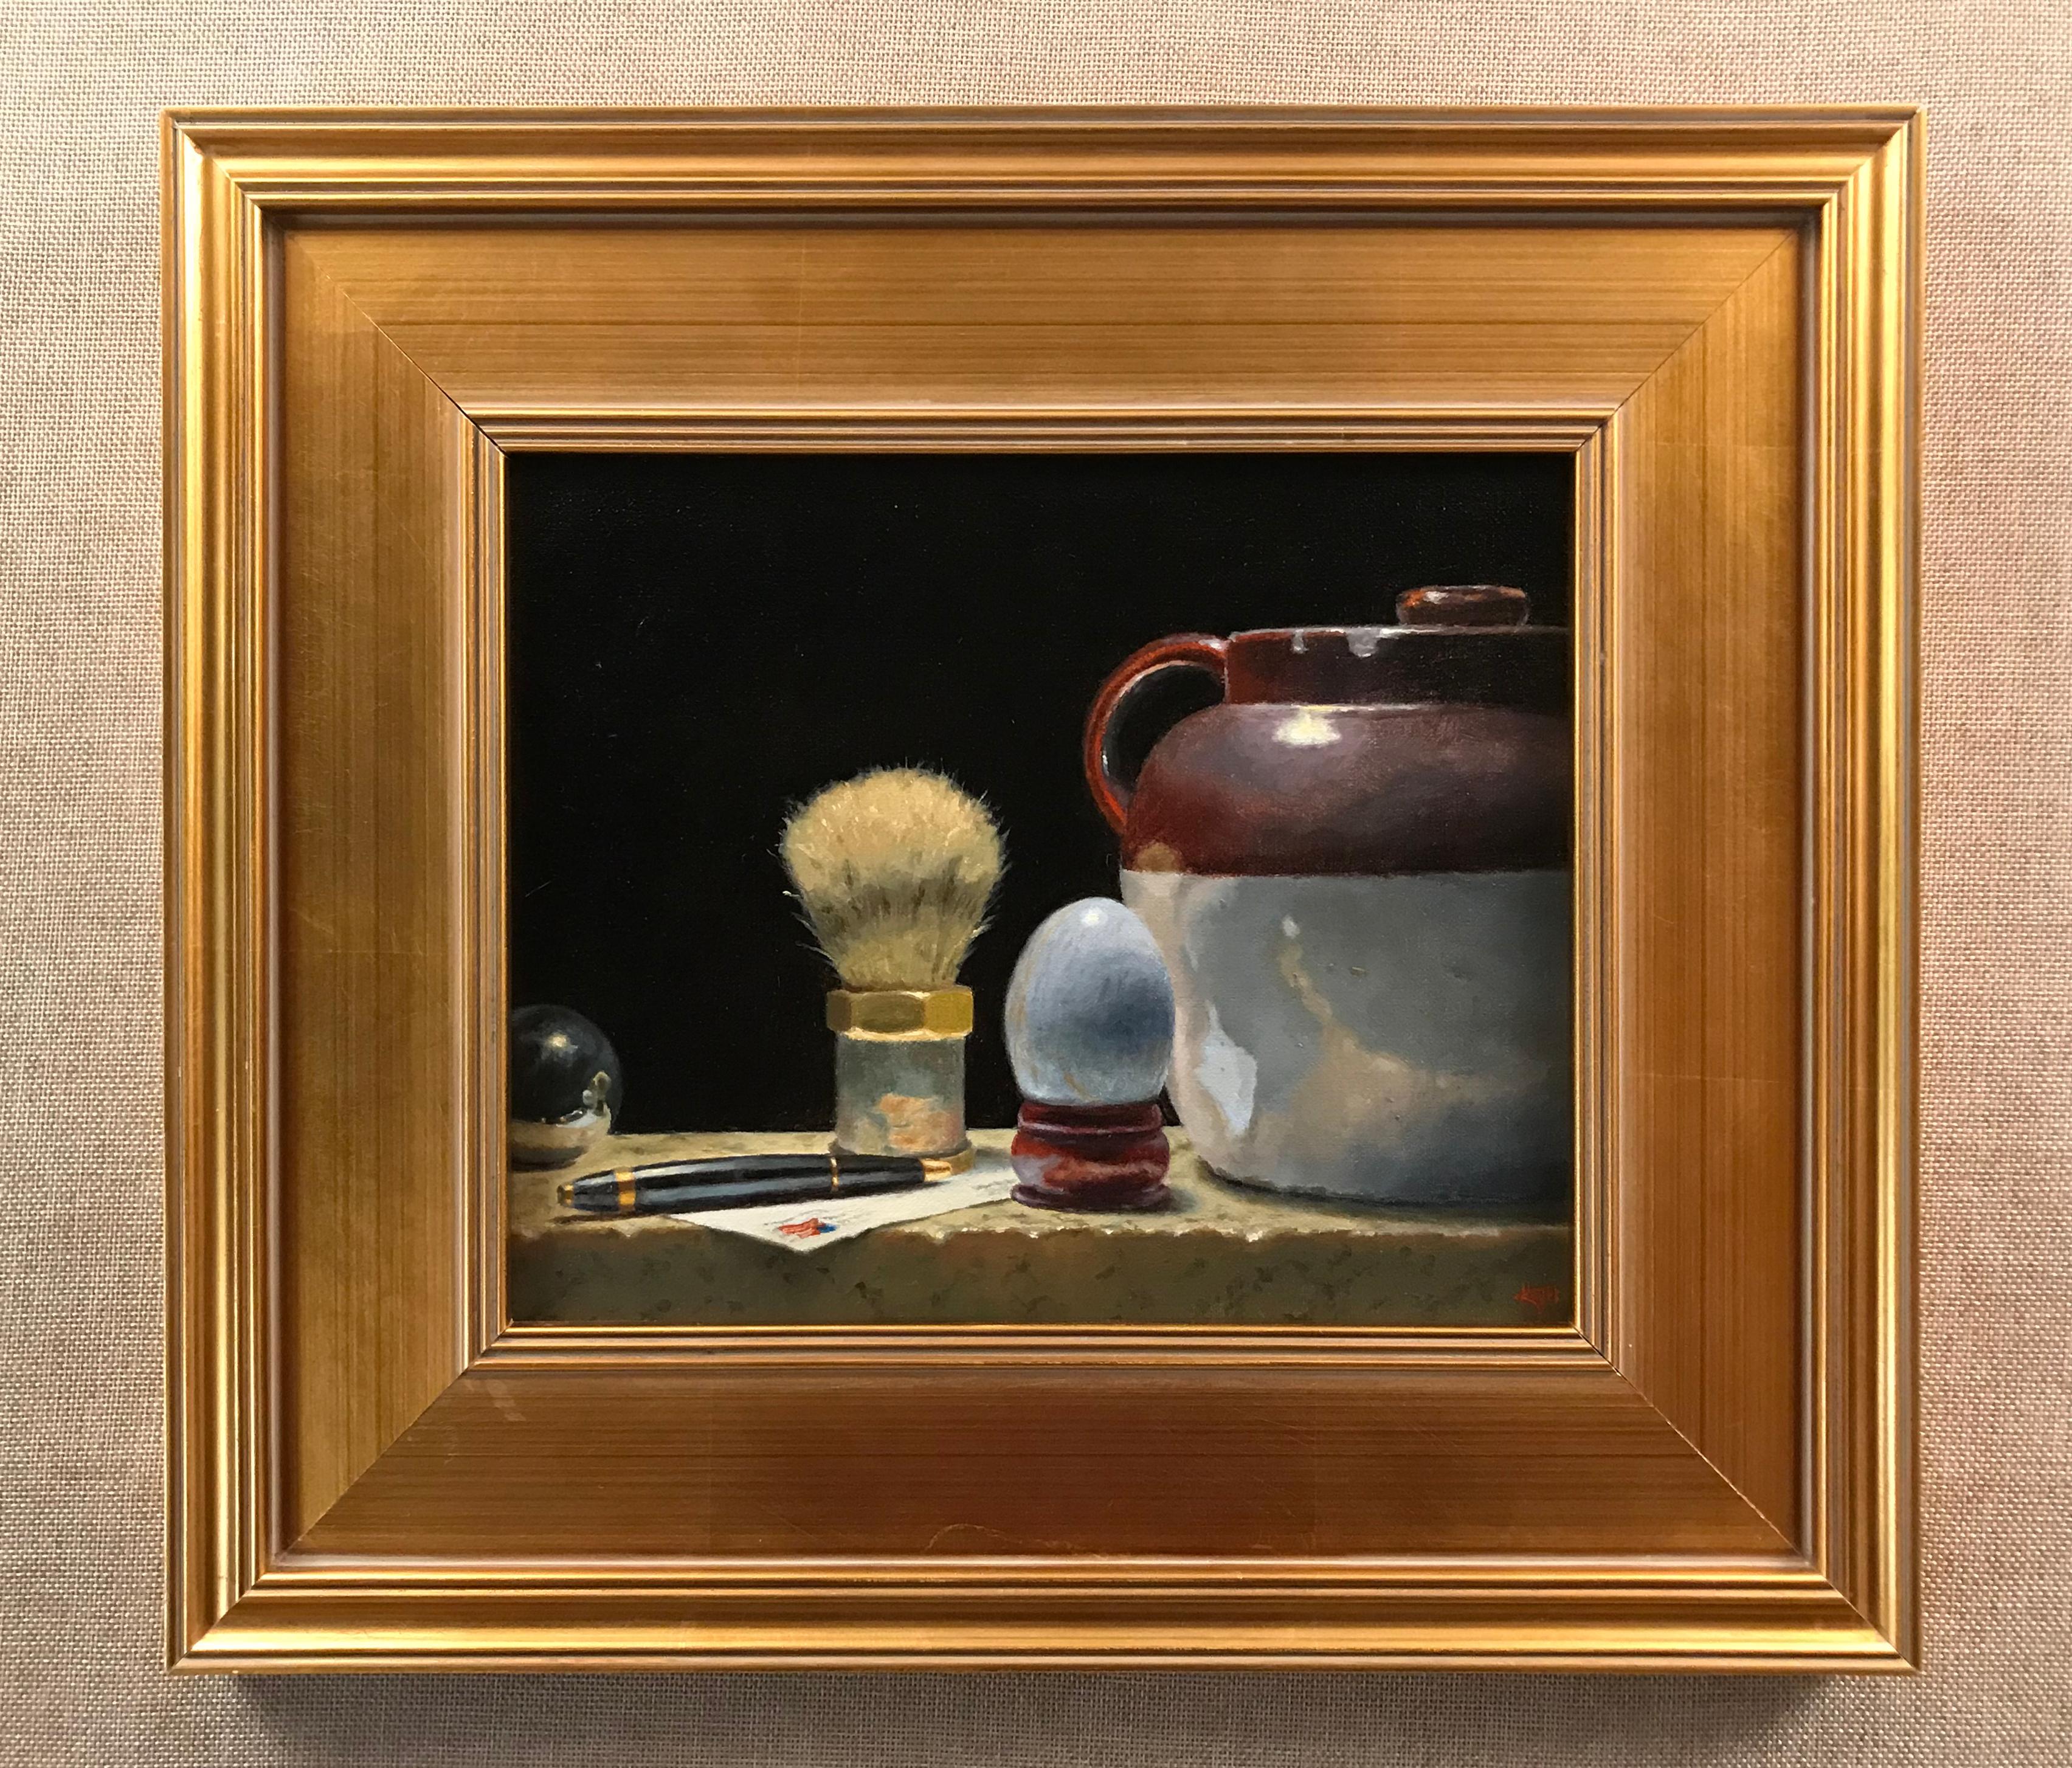 101318-framed